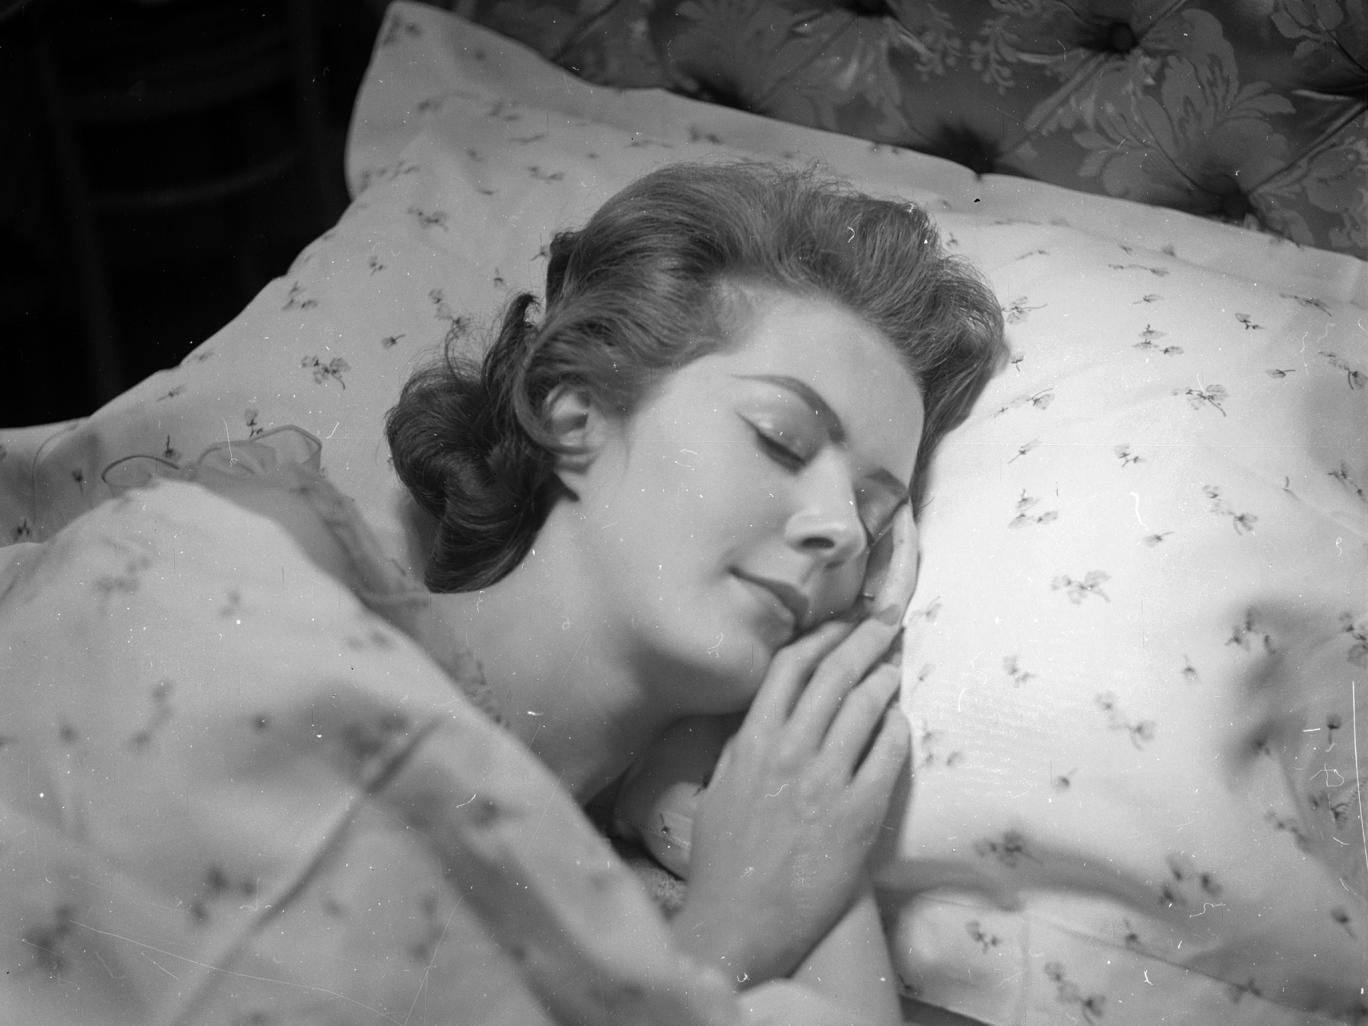 دراسة: العقل المعقد للنساء يحتاج لنوم أطول من الرجال